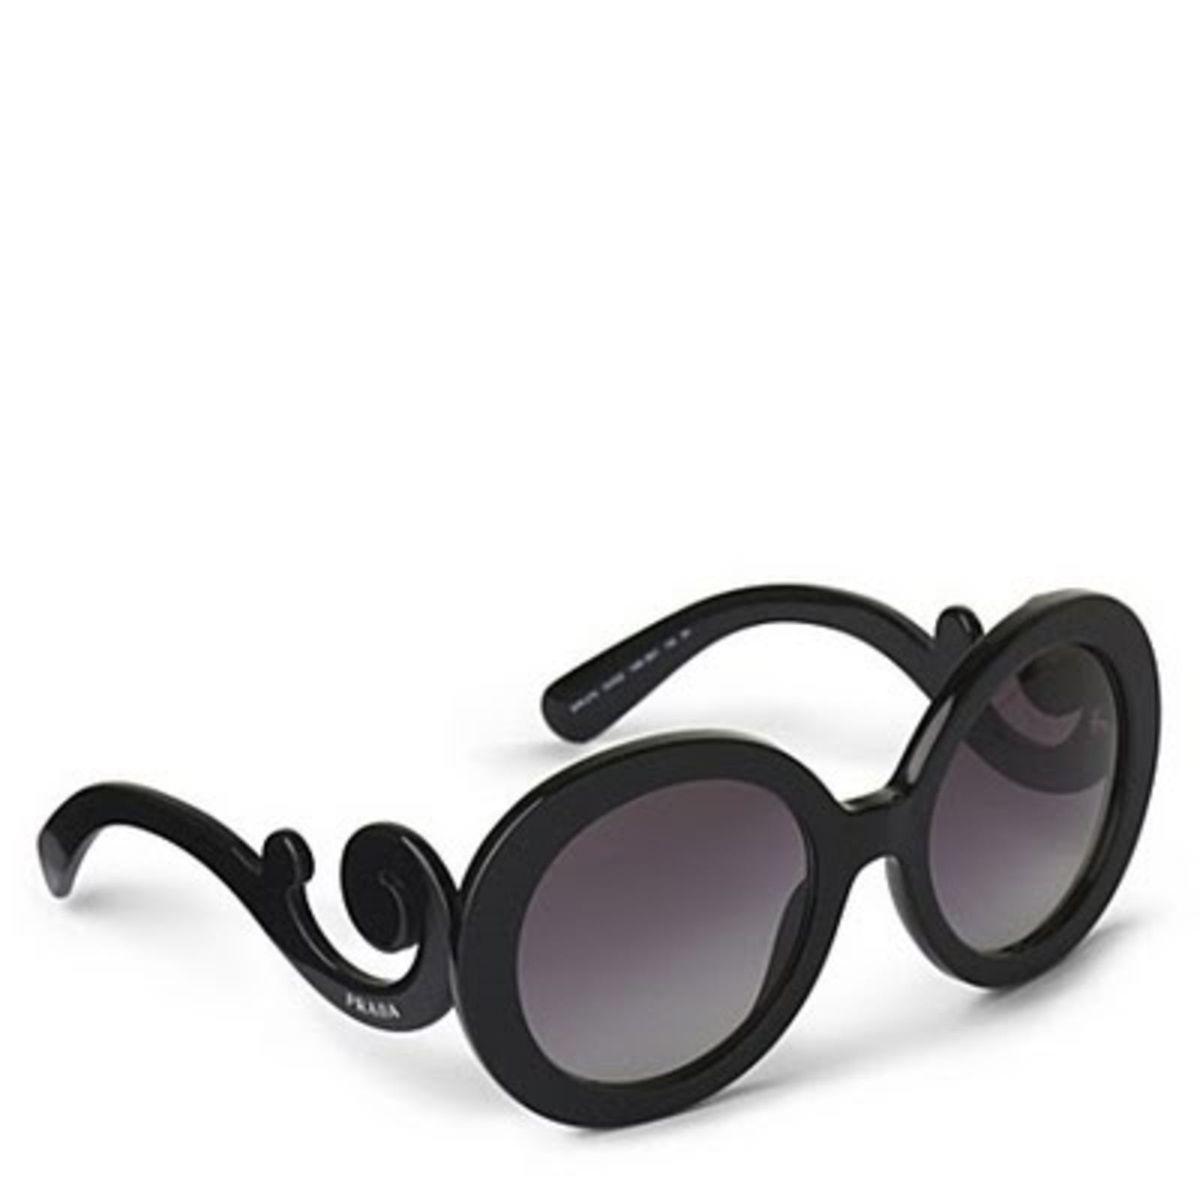 b41240ee53037 Óculos Prada Baroque Redondo